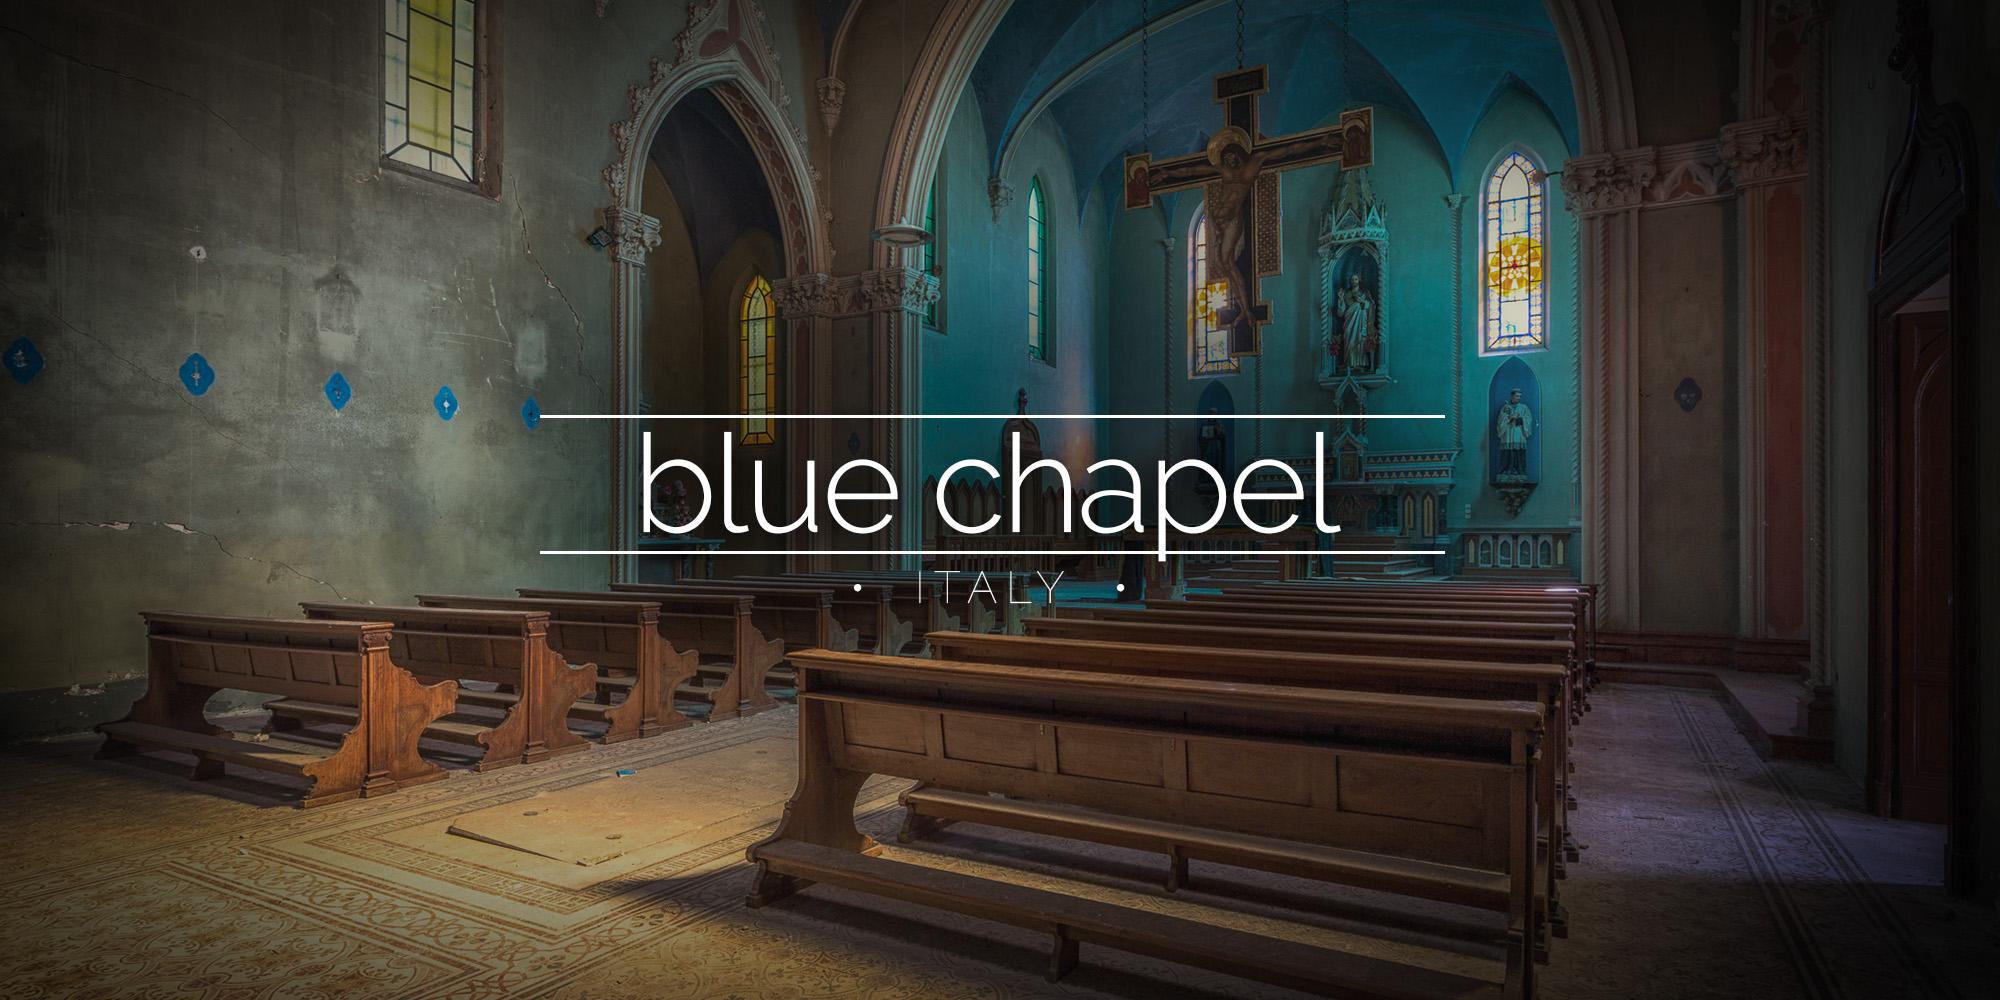 Blue Chapel Abandoned Monastery, Italy